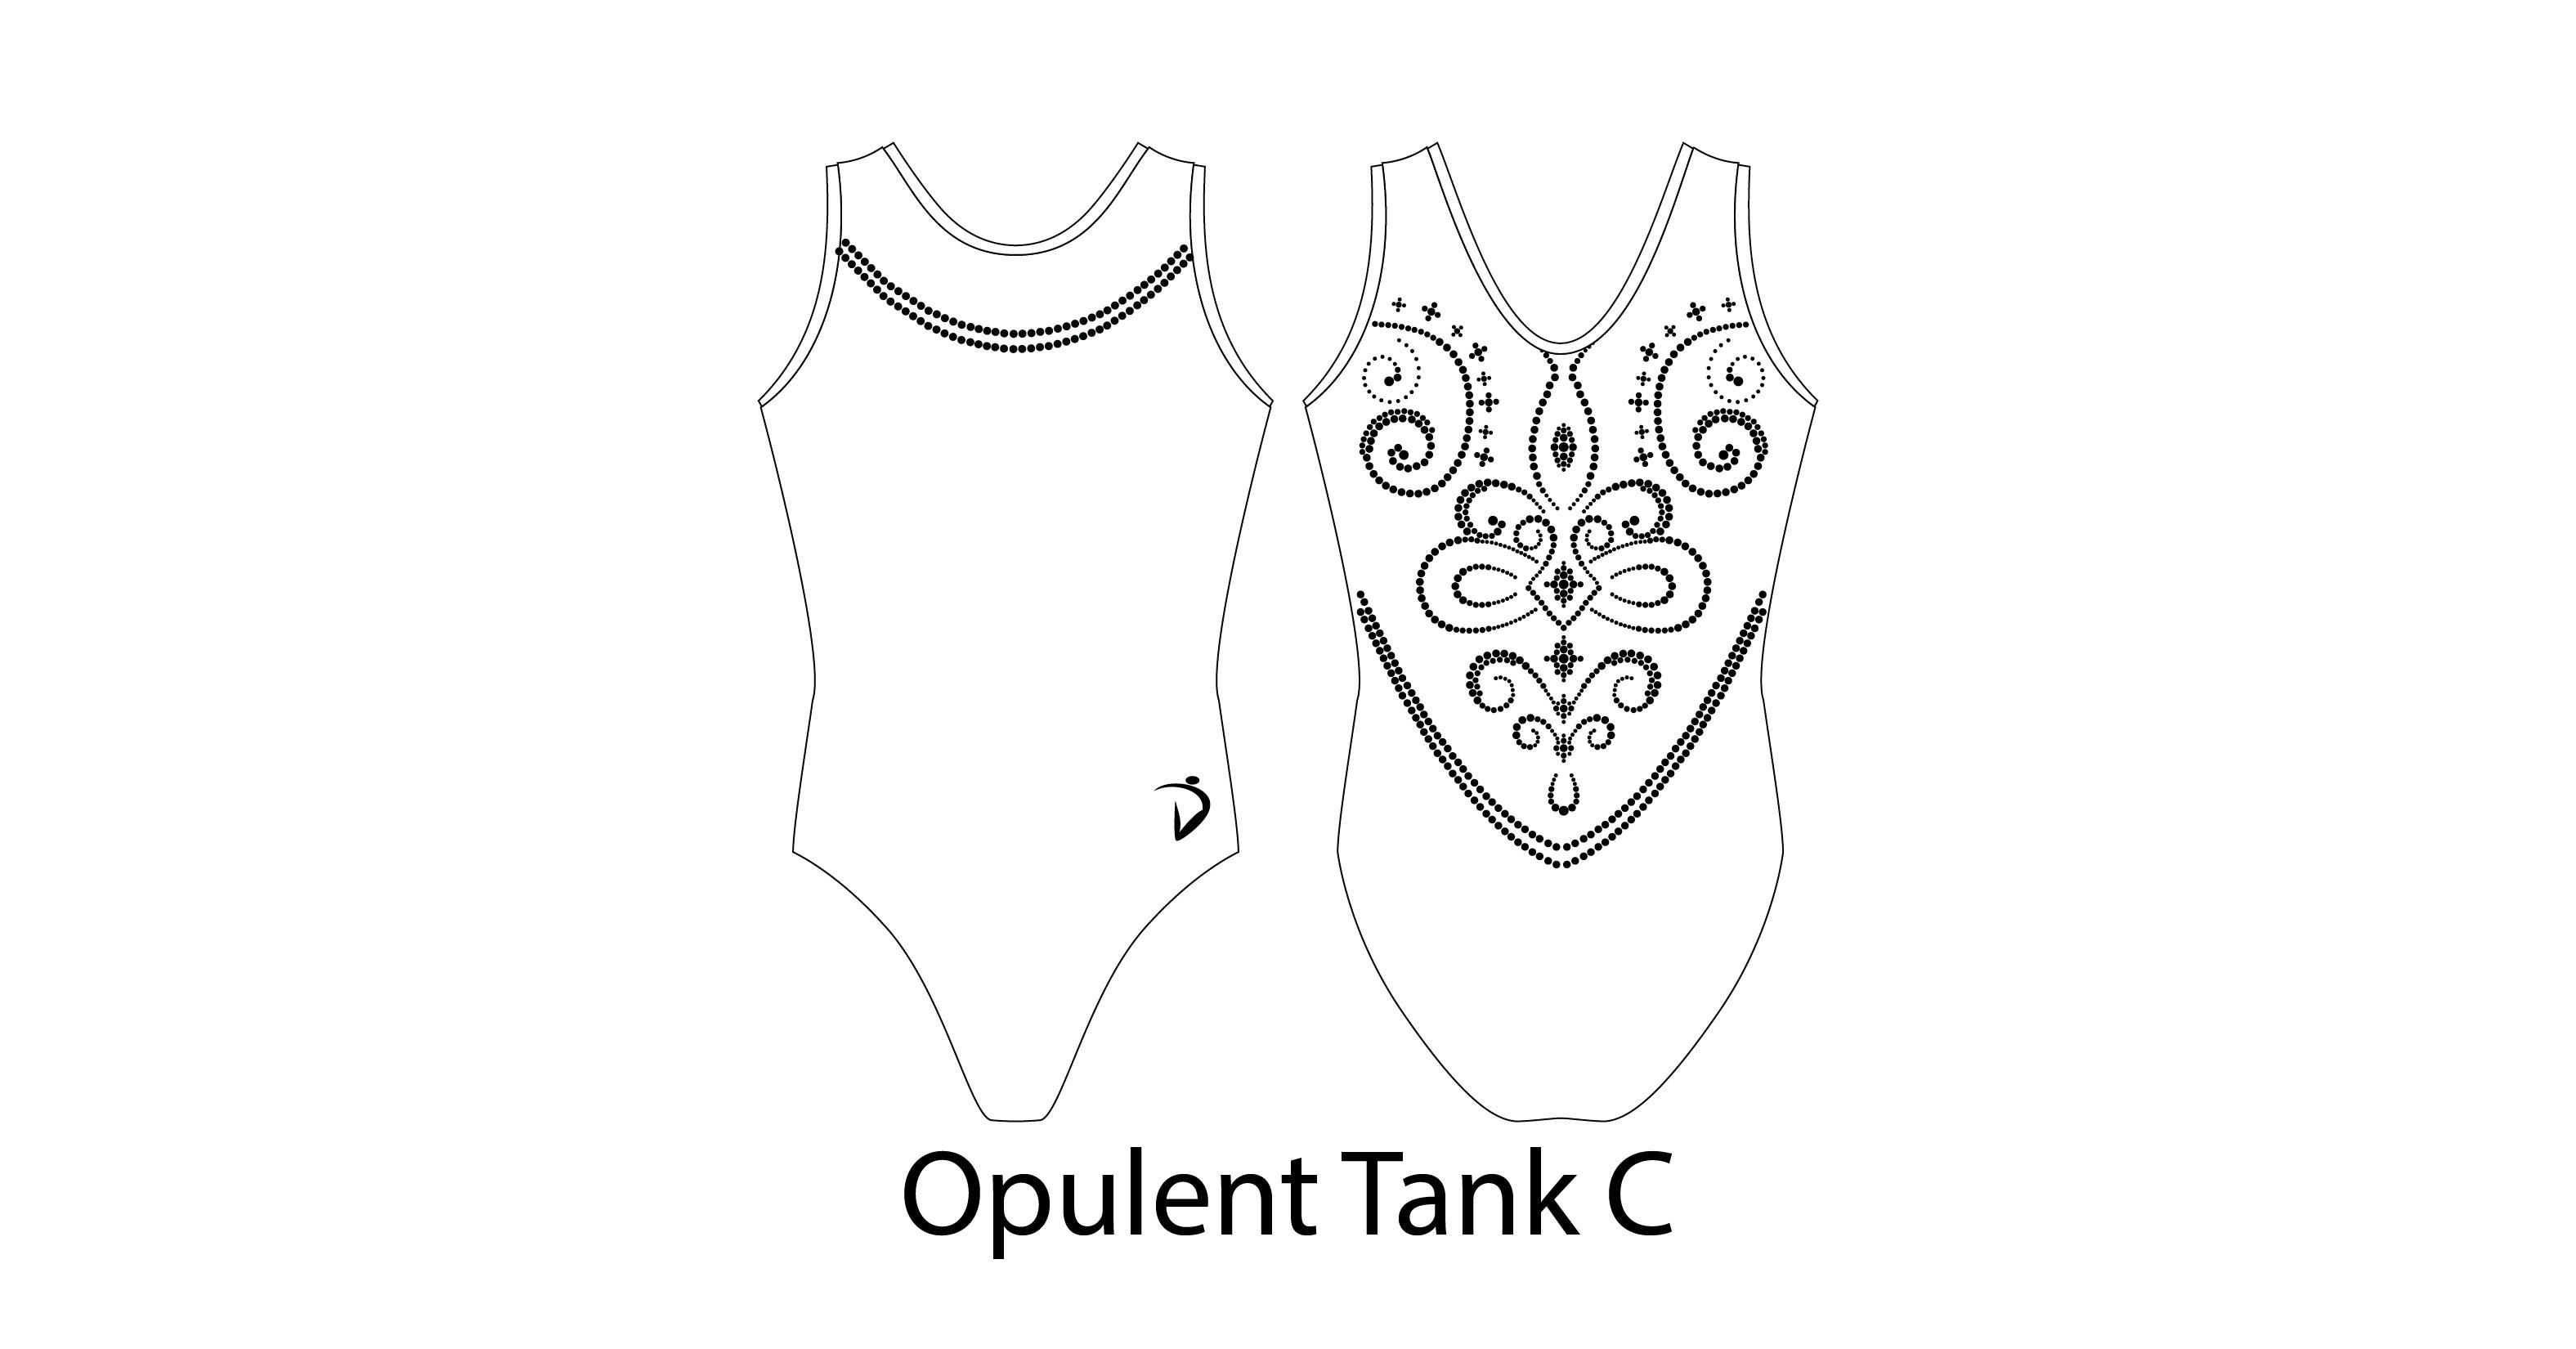 Opulent Tank C